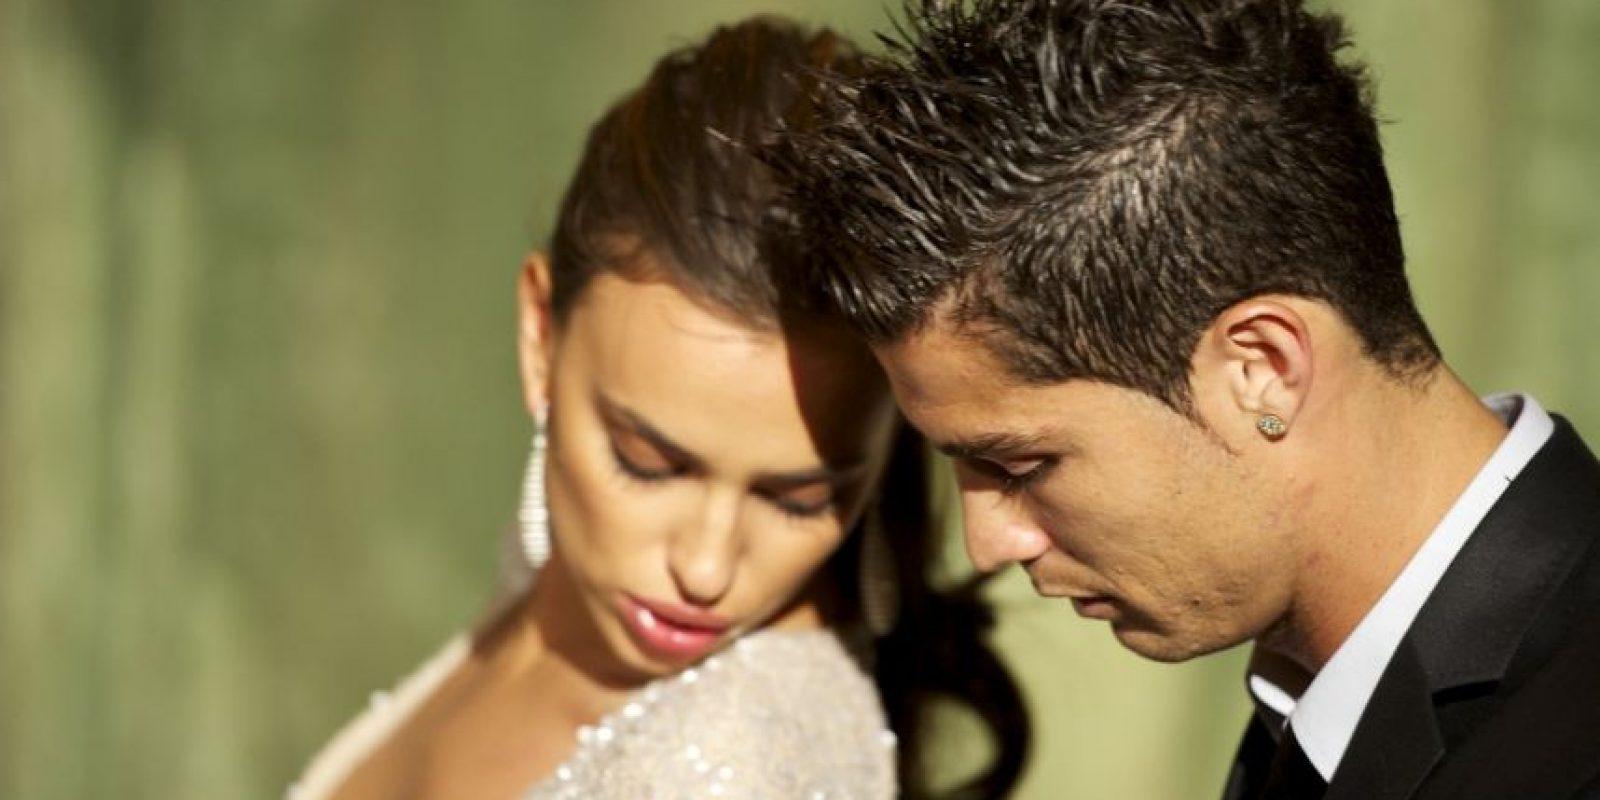 Cristiano Ronaldo conoció a Irina Shayk en una sesión fotográfica para Armani en 2010. Foto:Getty Images